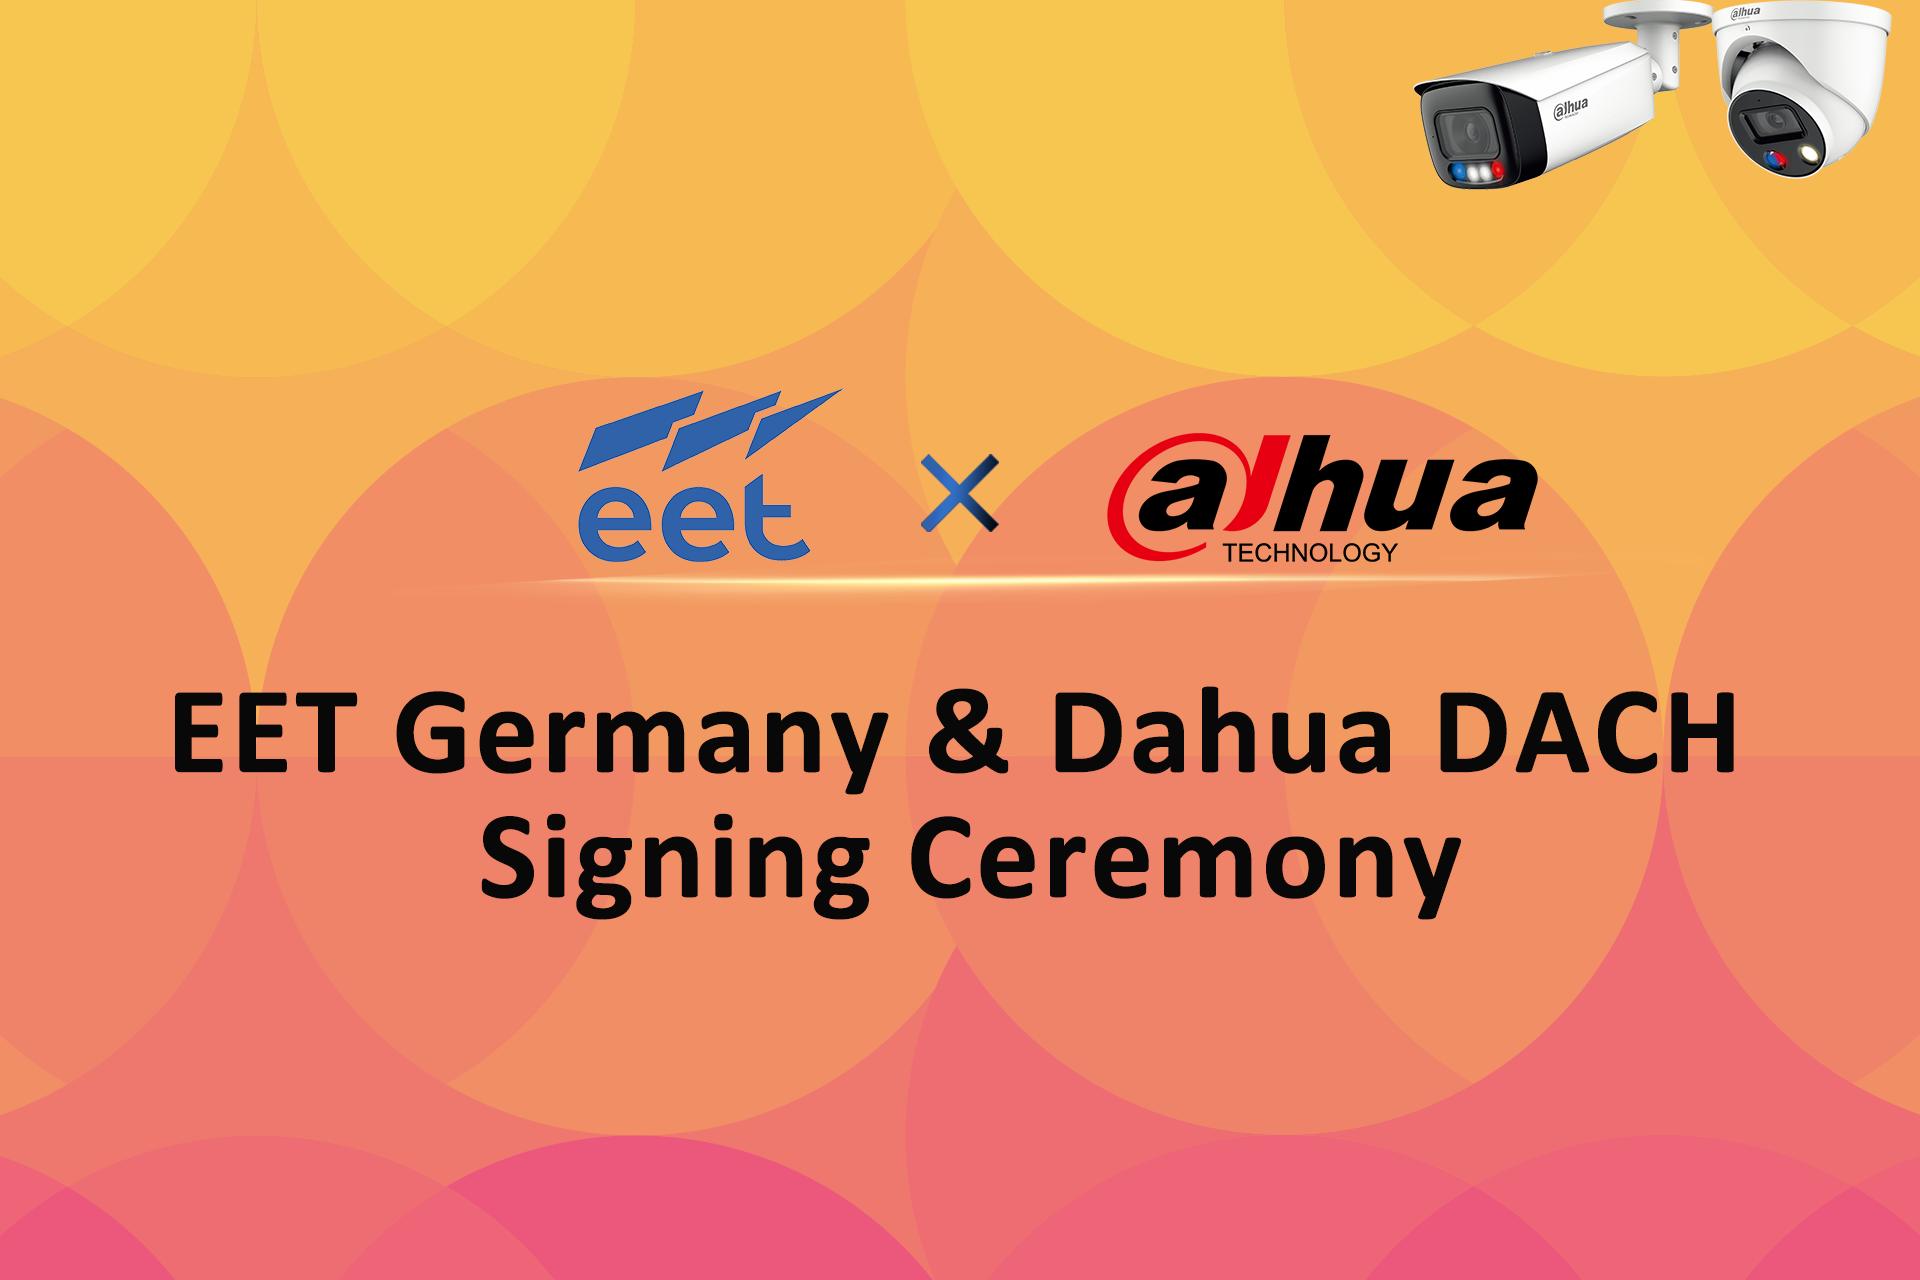 EET, europaweiter Technologie-Experte wird value-add Distributor von DAHUA Technology